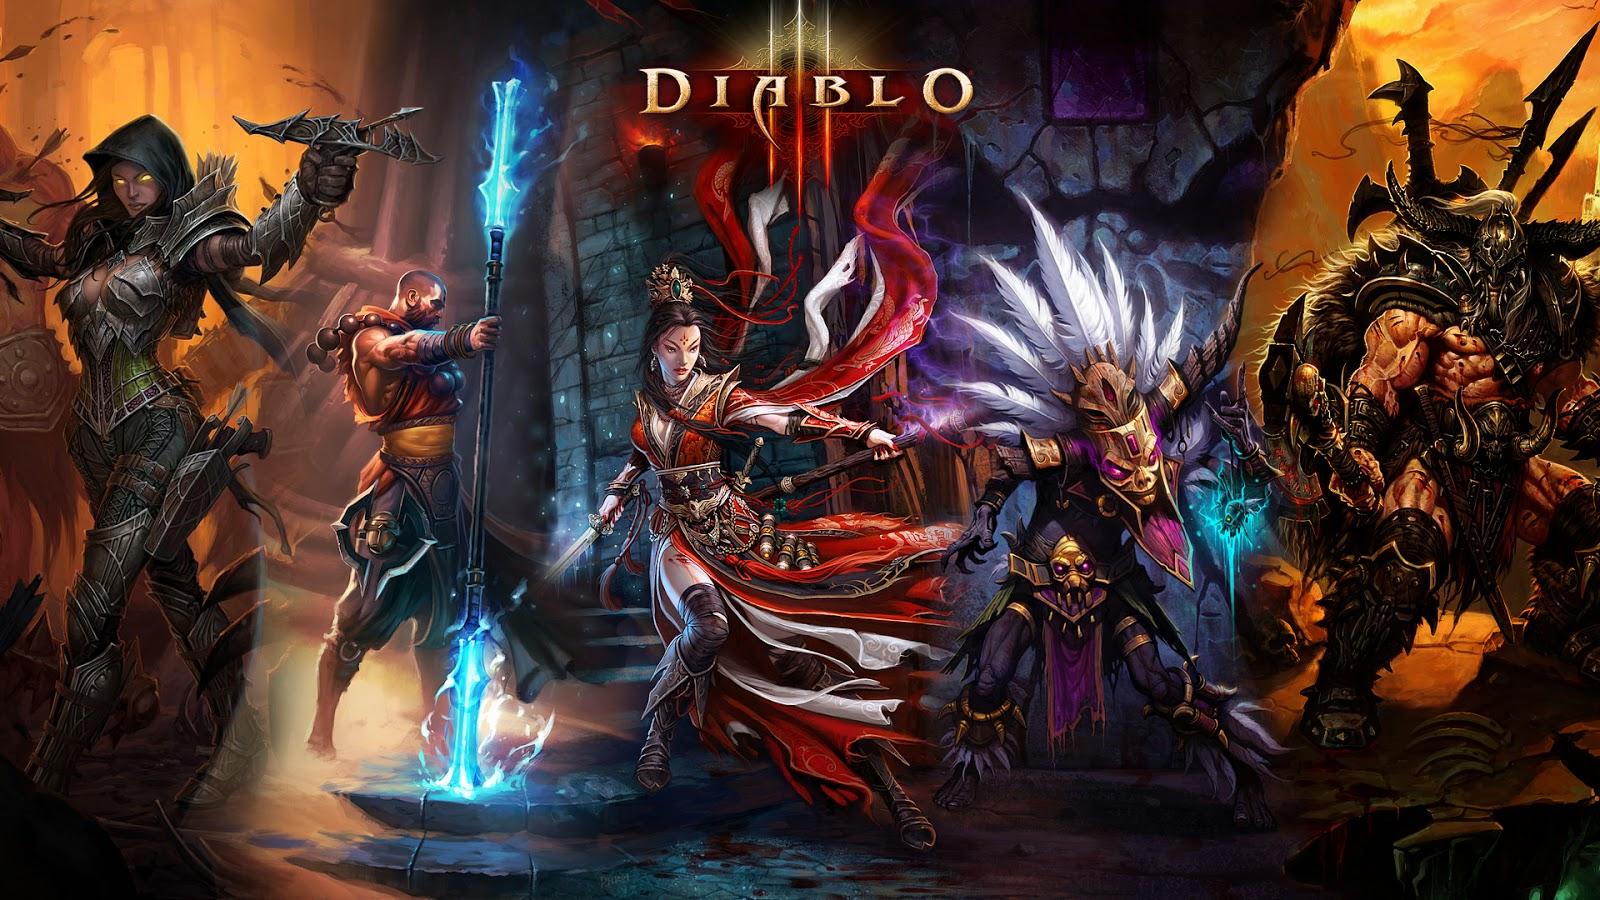 Best Diablo 3 Class Season 6 - Diablo Forums Or Any Fan Site ...